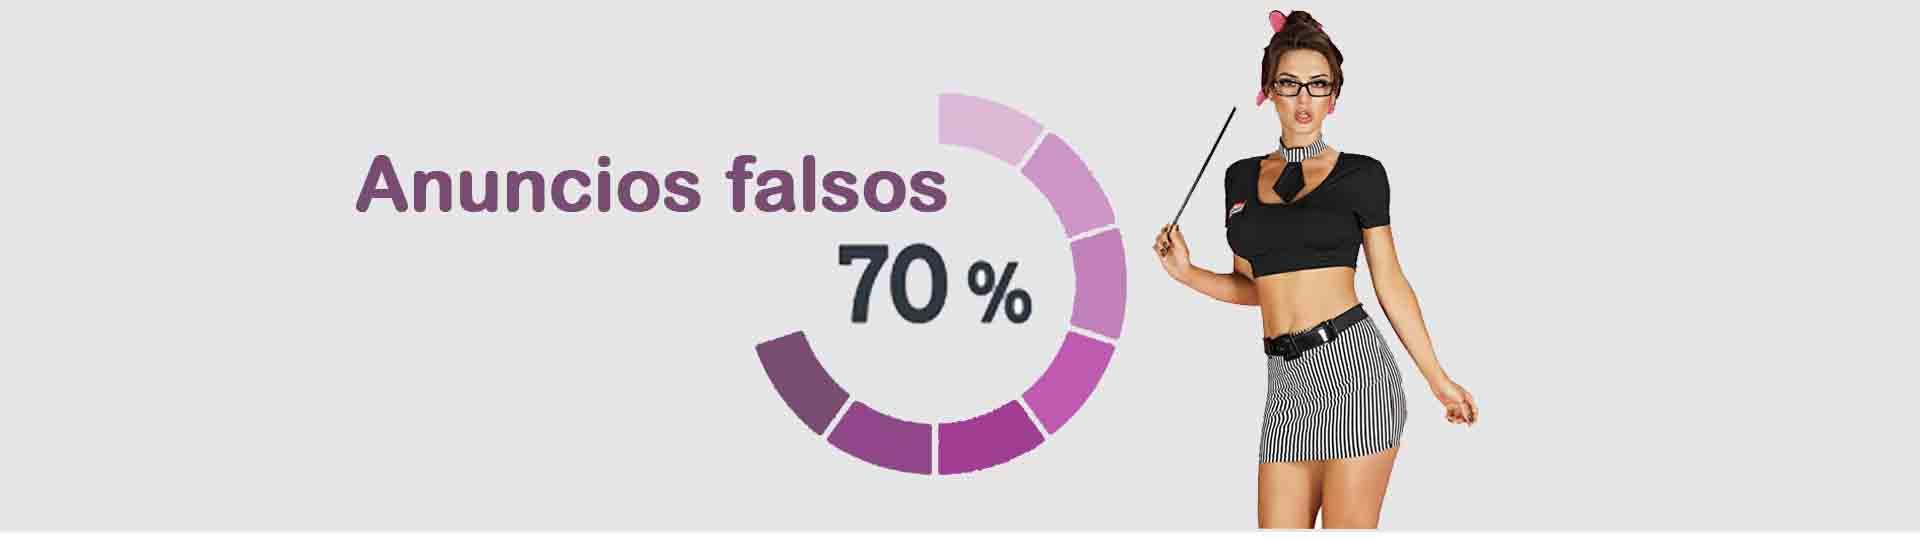 anuncios falsos en Valencia